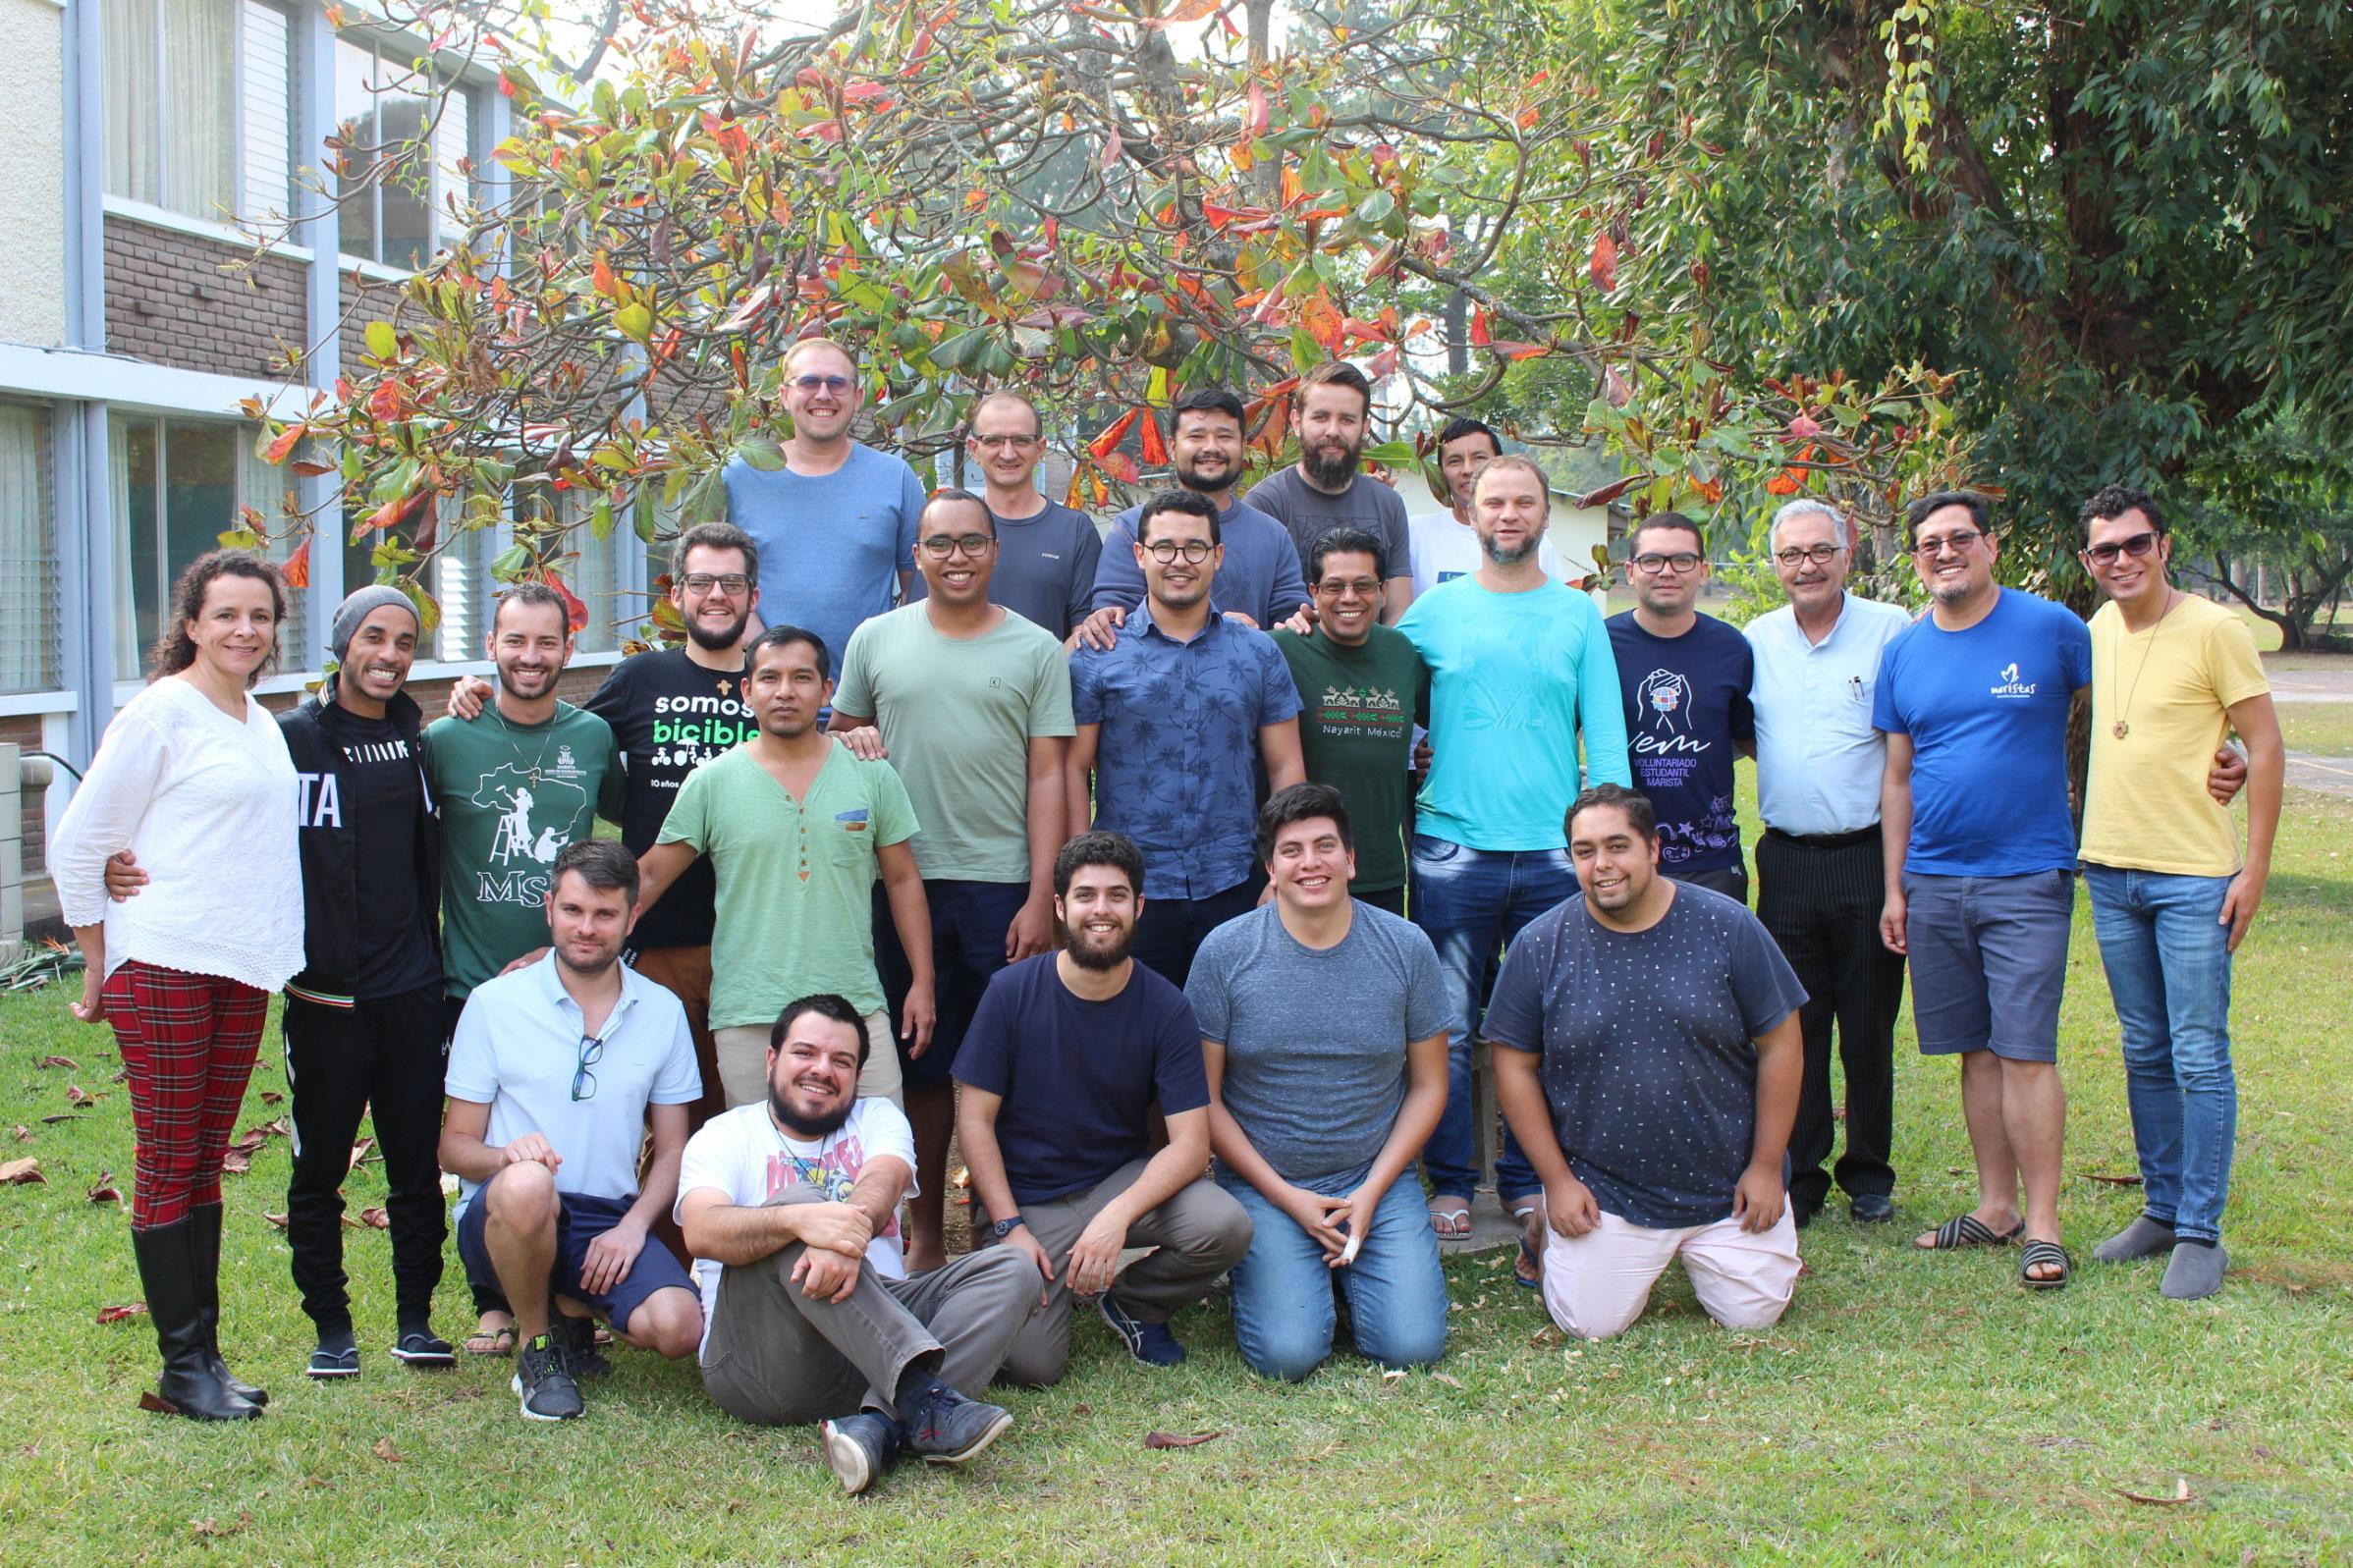 Itinerario de formación paras la profesión perpetua - Guatemala